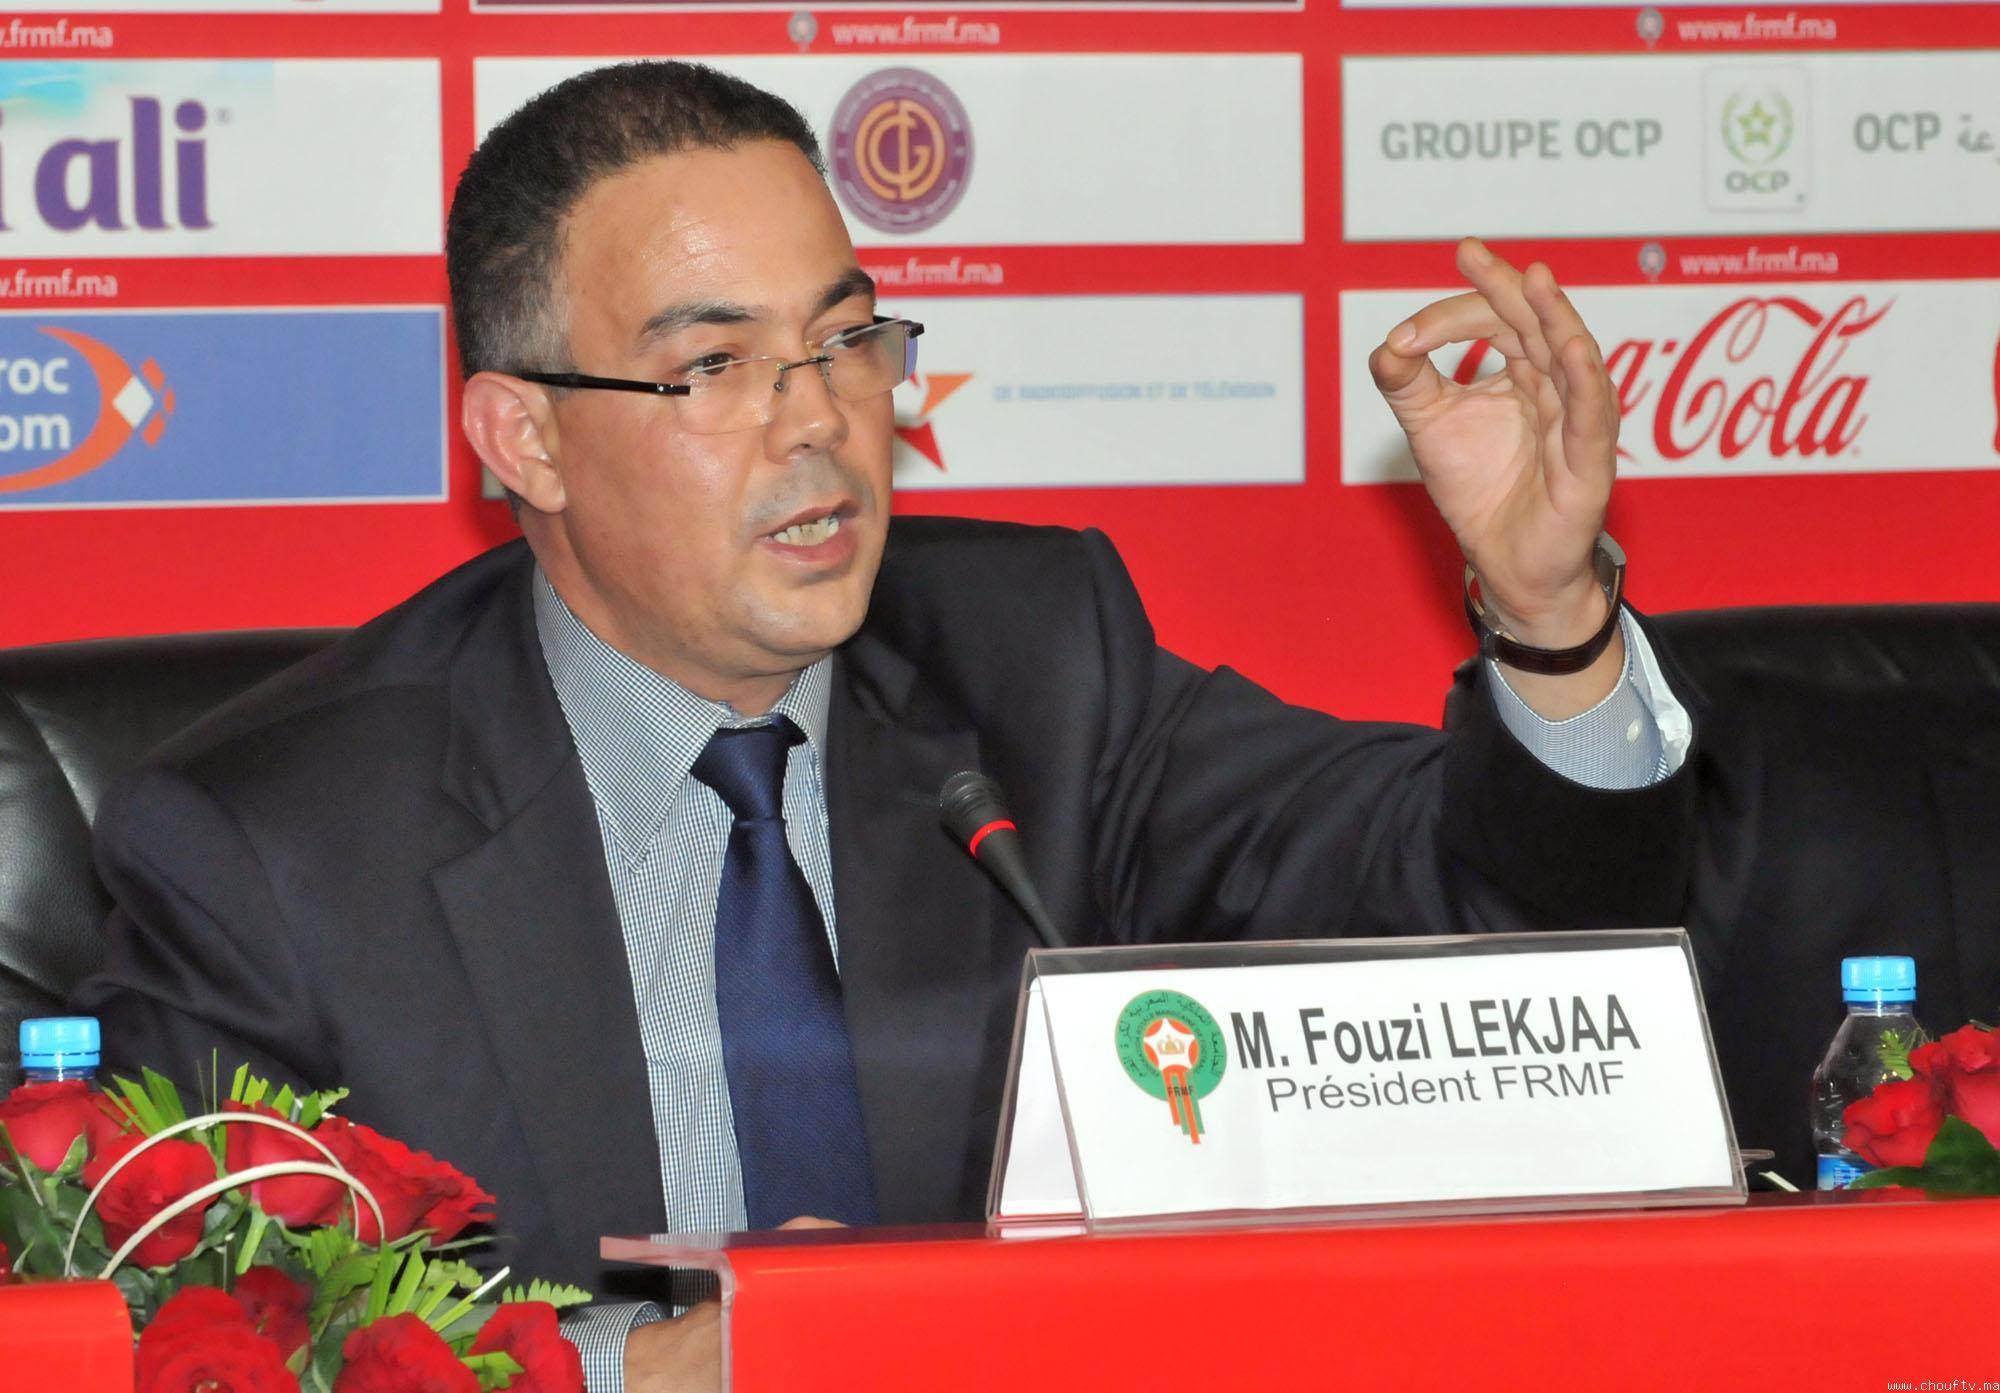 جامعة لقجع: كورونا لن تؤجل مباريات البطولة والأندية التي يتعذر عليها اللعب تعتبر منهزمة